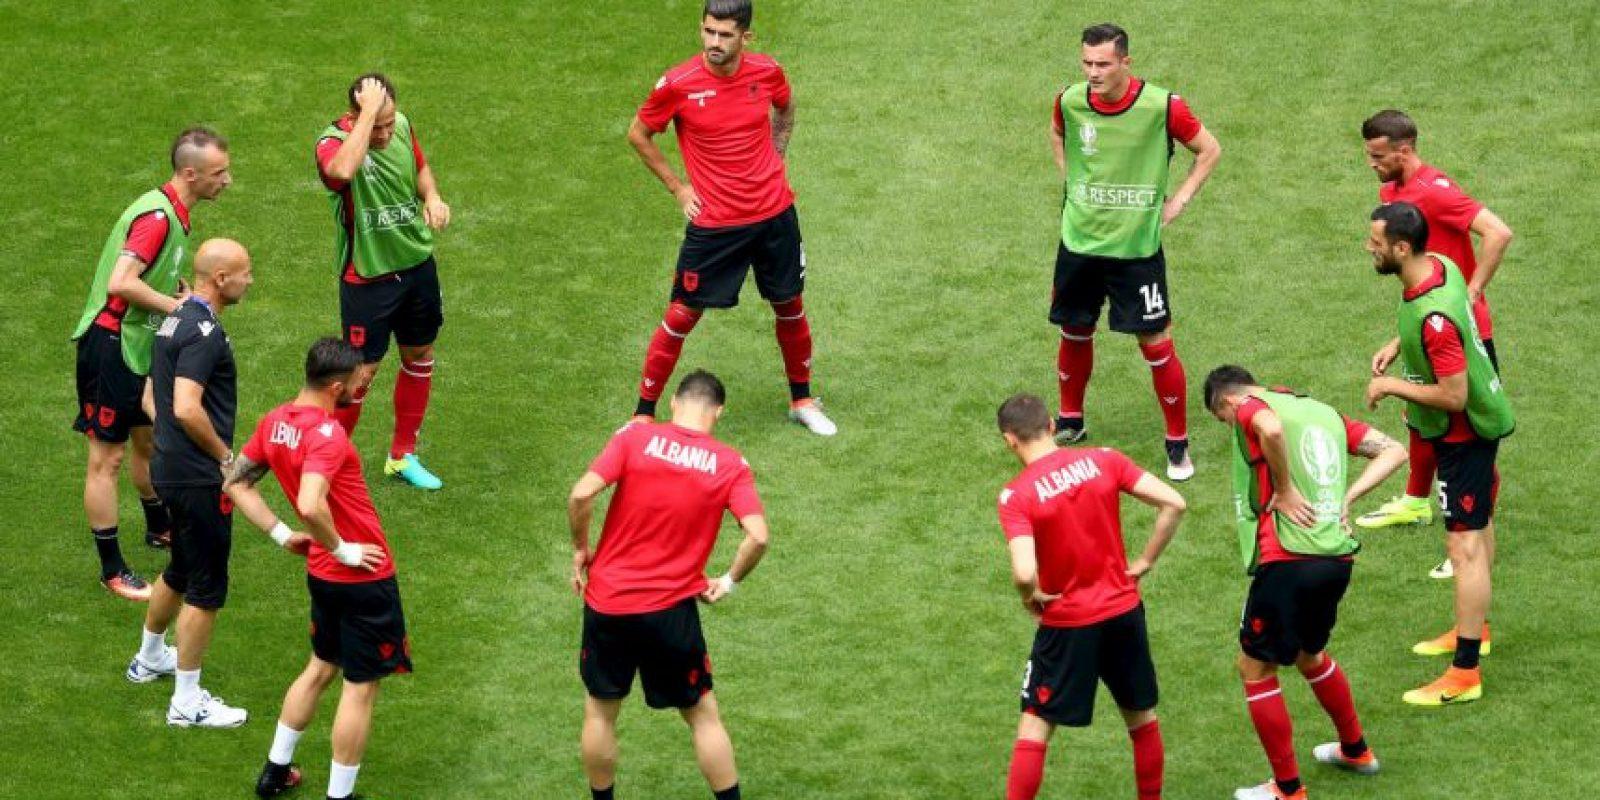 Albania busca su primer triunfo en el torneo Foto:Getty Images